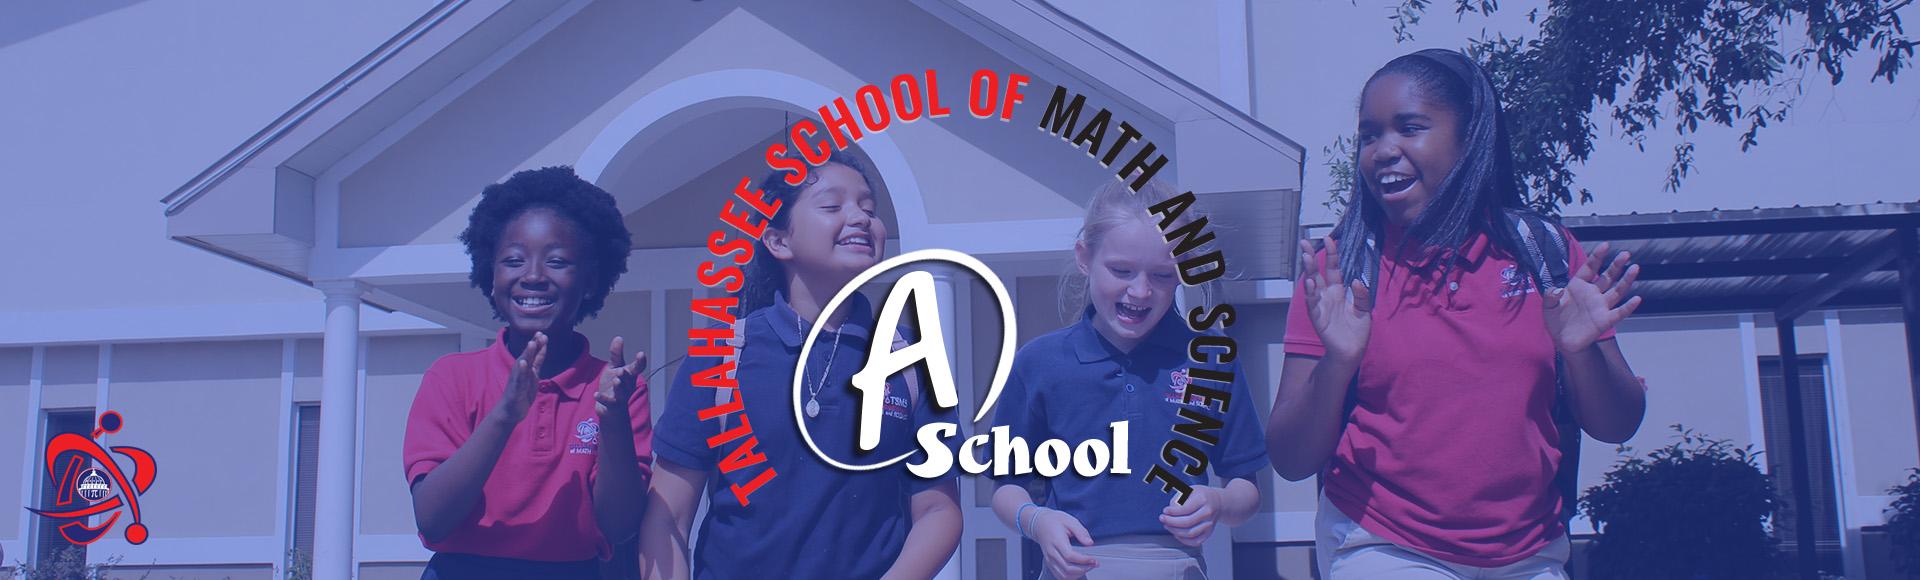 A-school-banner